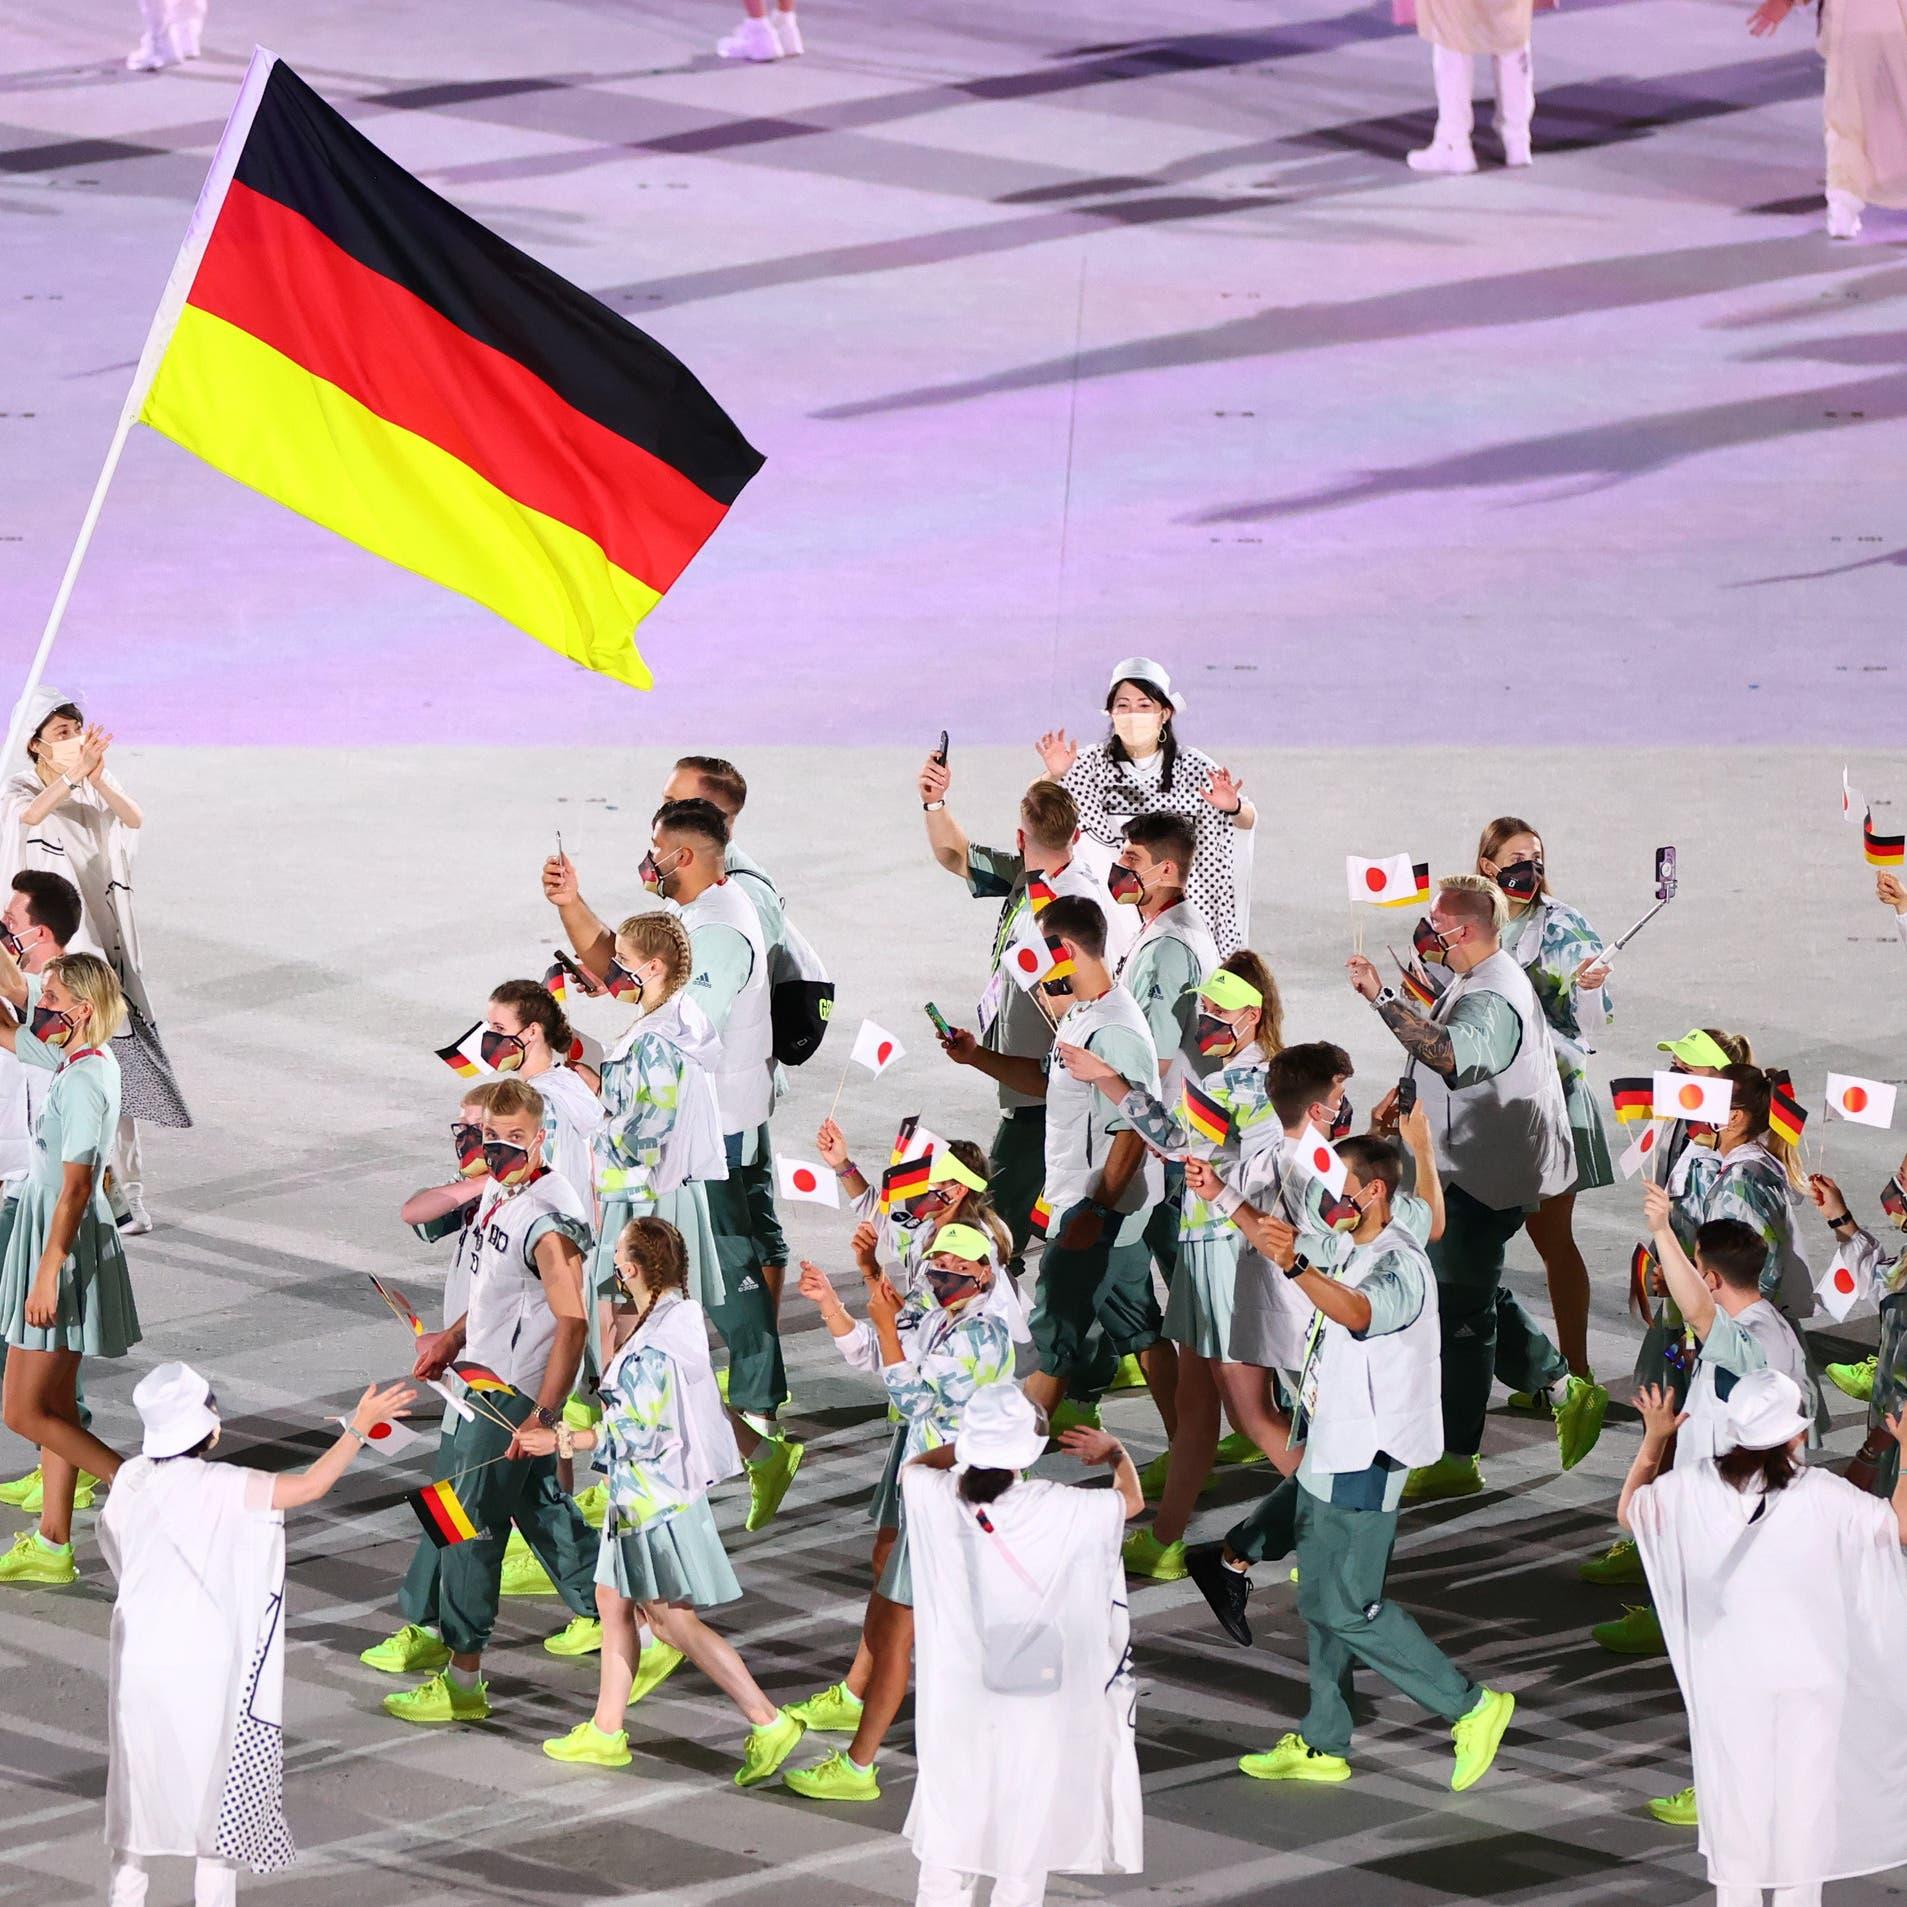 انتقادات لاذعة لزي الفريق الألماني الأولمبي